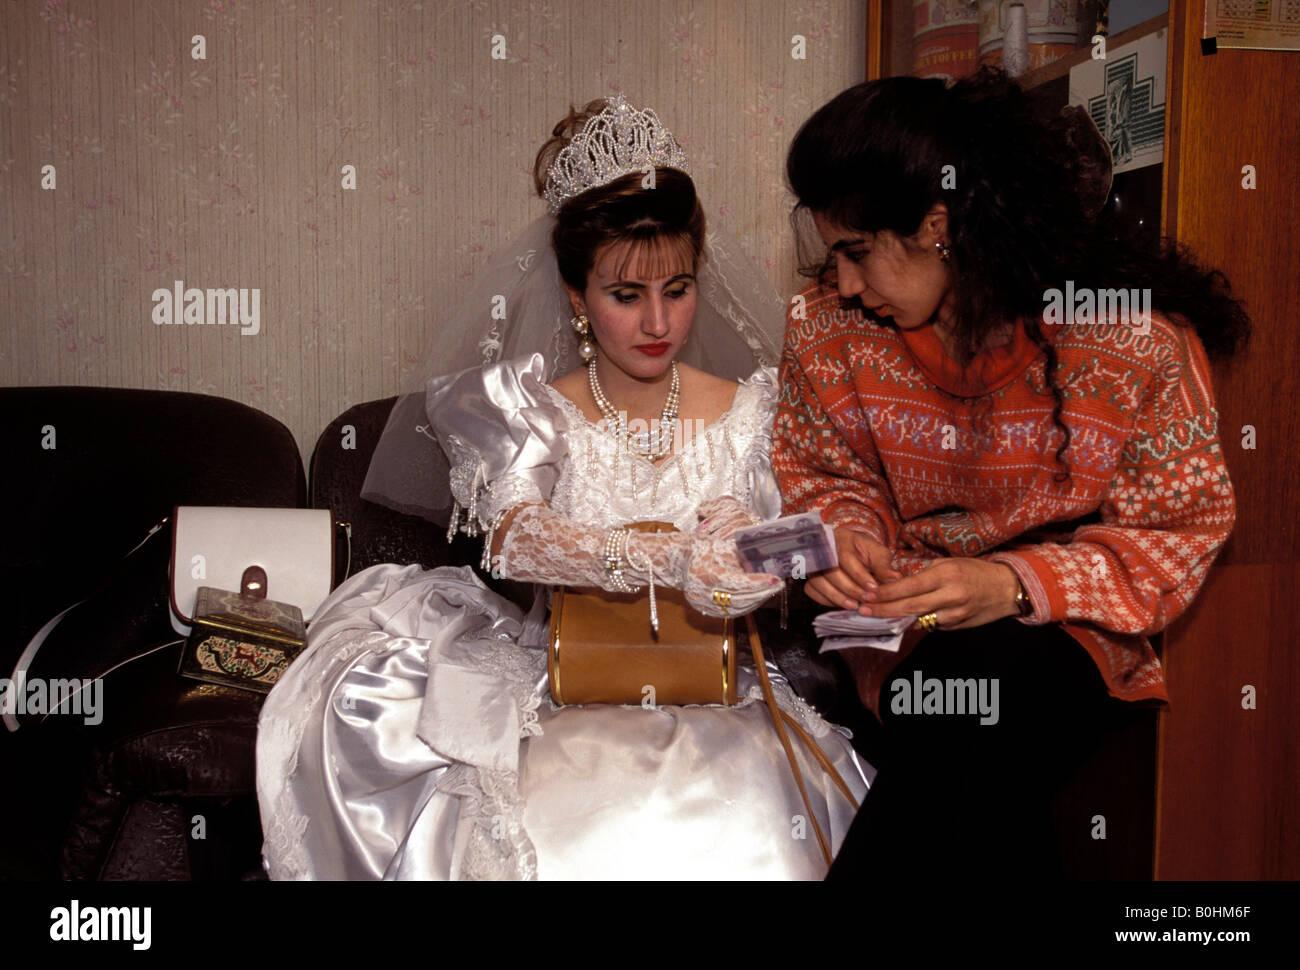 Eine Irakische Braut In Ihrem Hochzeitskleid Mit Ihrer Schwester